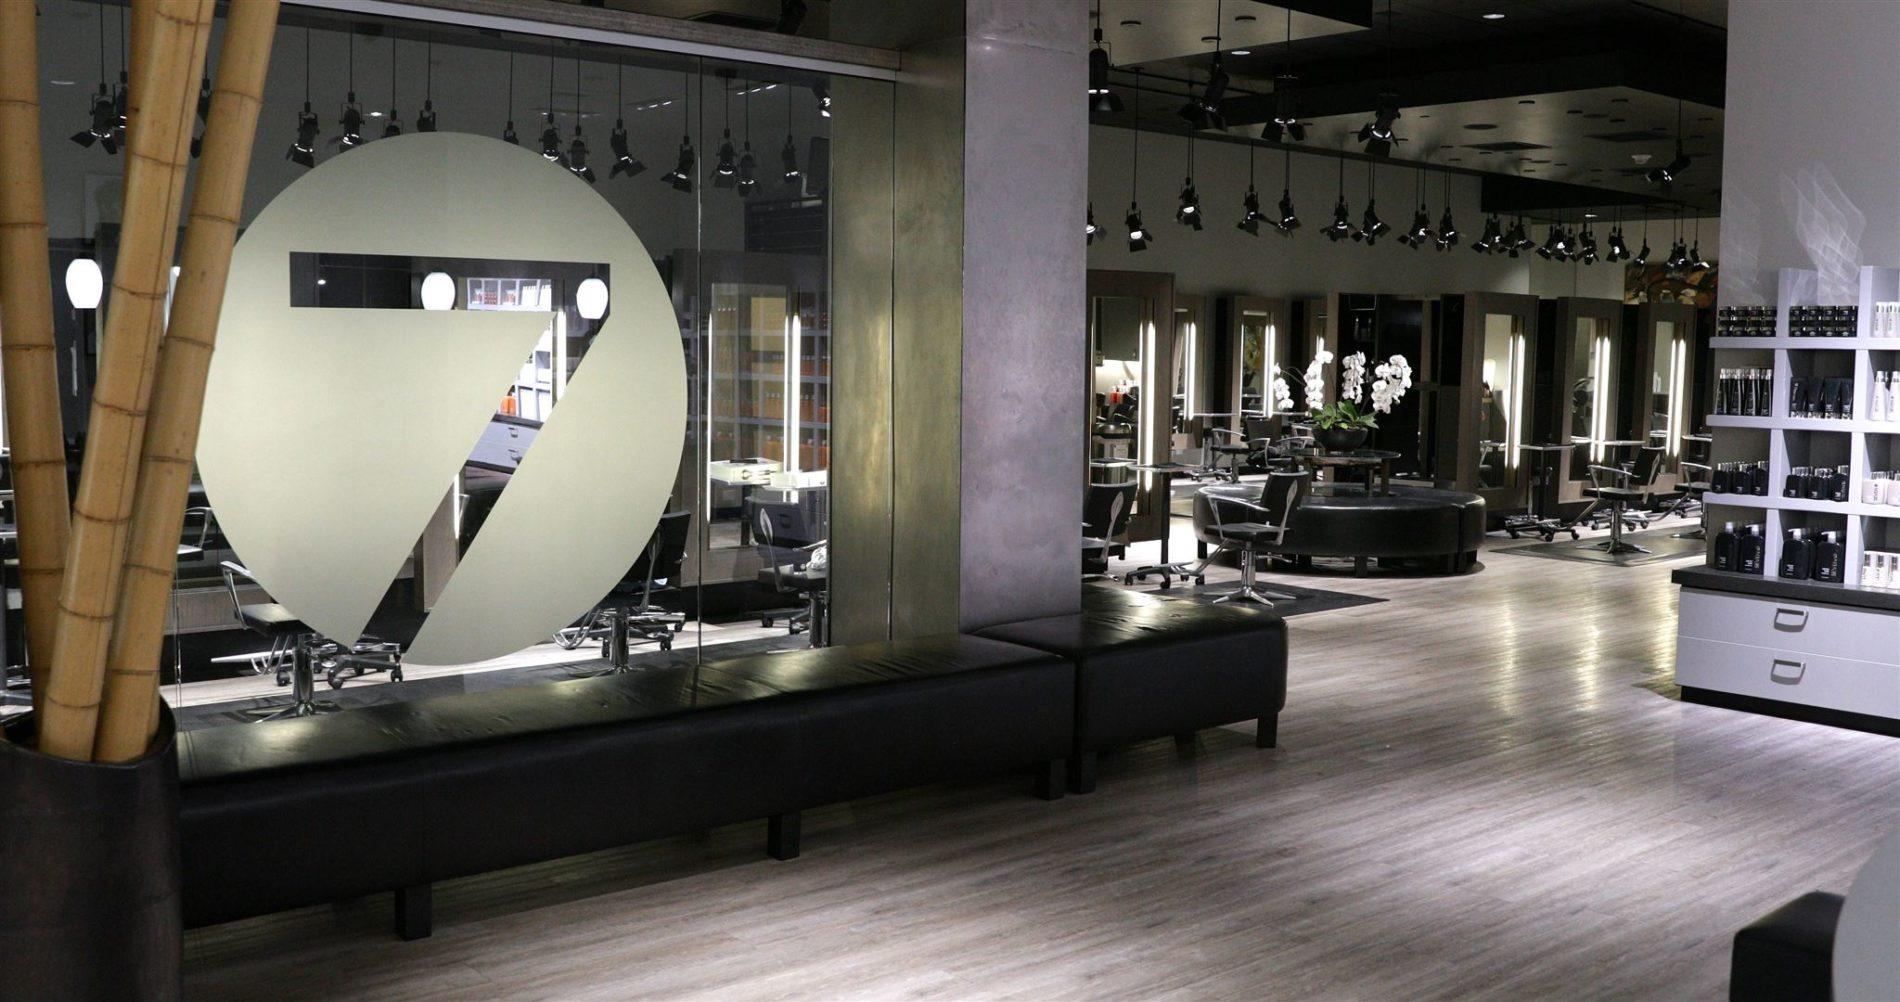 salon empty because of corona virus shutdown